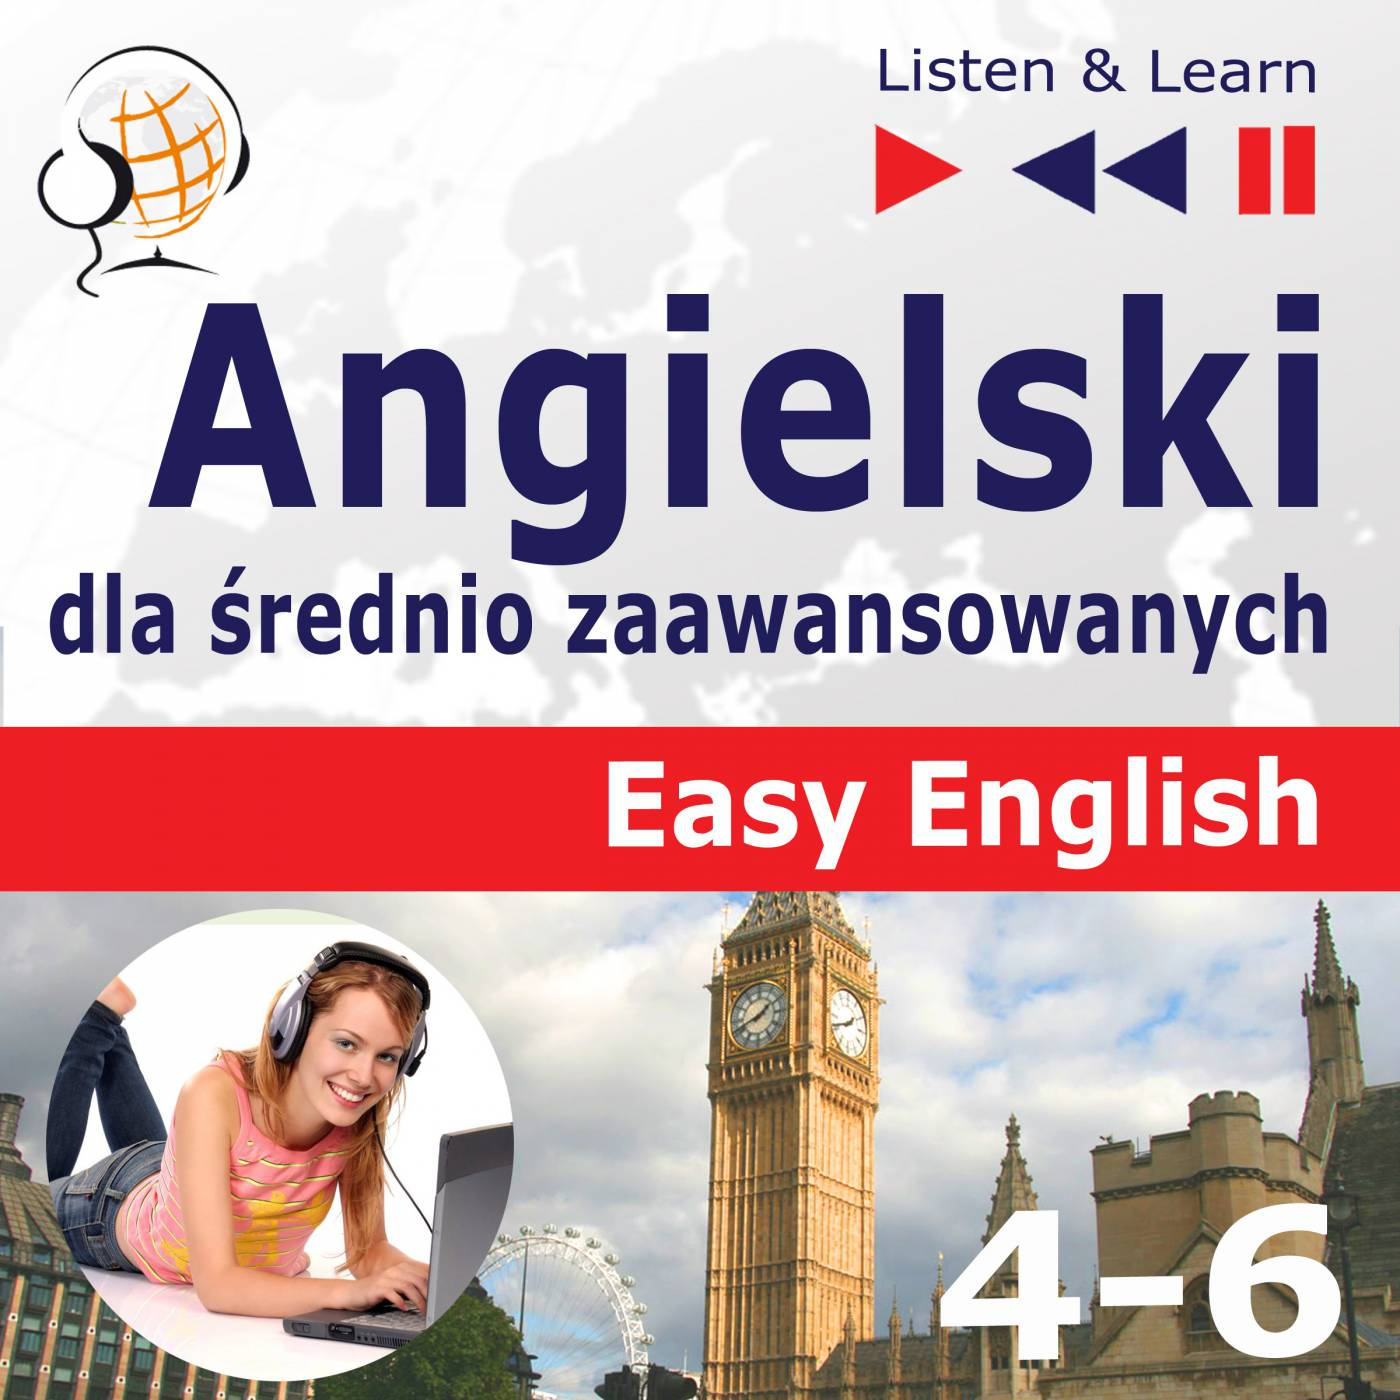 Angielski dla średnio zaawansowanych. Easy English: Części 4-6 - Audiobook (Książka audio MP3) do pobrania w całości w archiwum ZIP